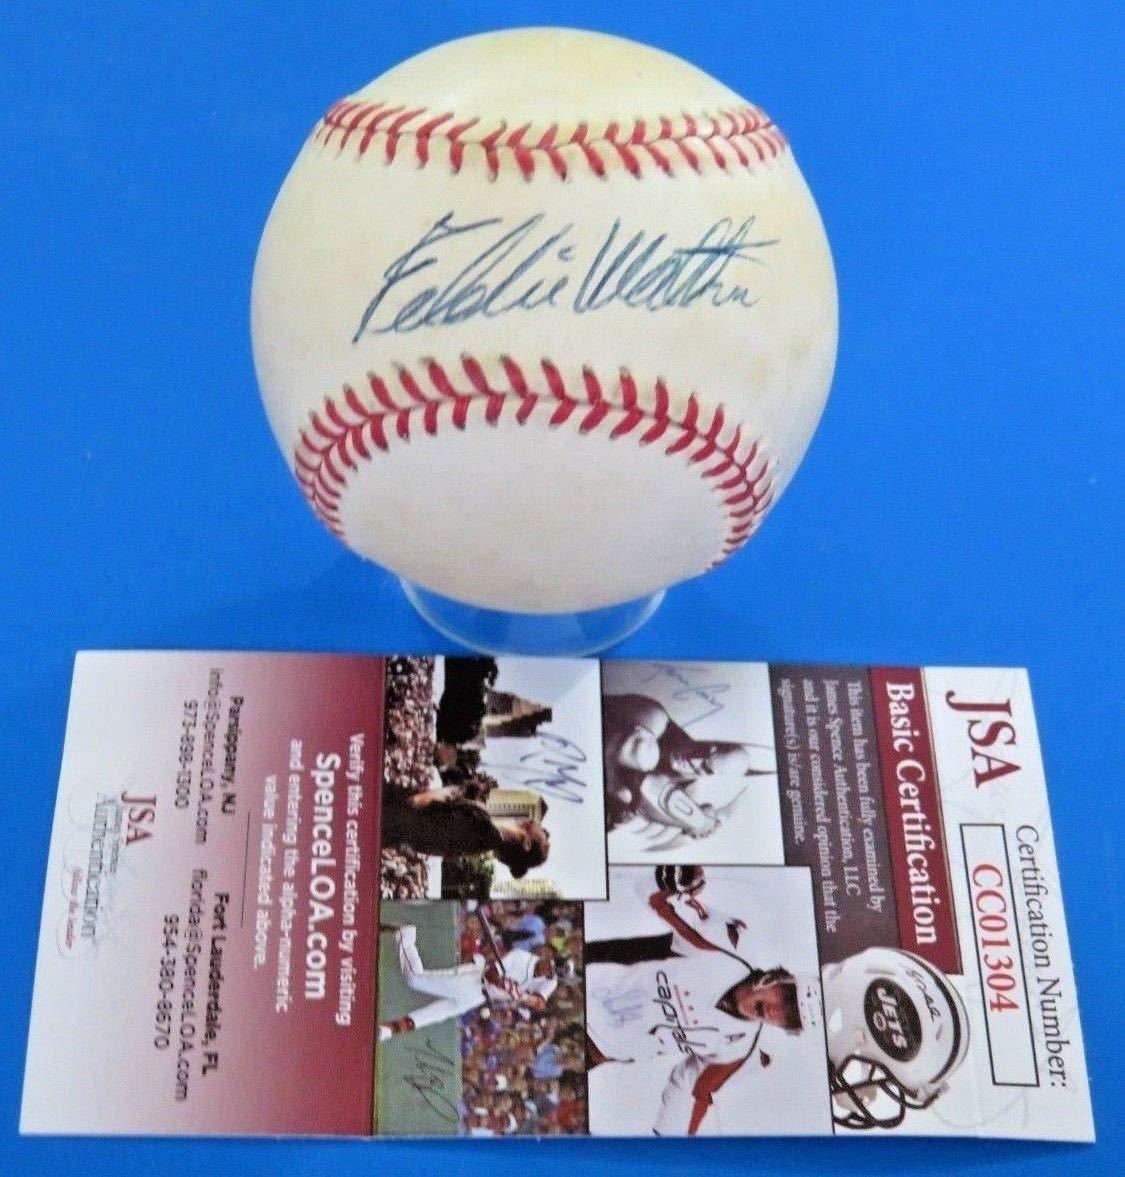 Eddie Mathews Autographed Signed Ron Baseball Autographed Signed Ball JSA Authentic Cc01304